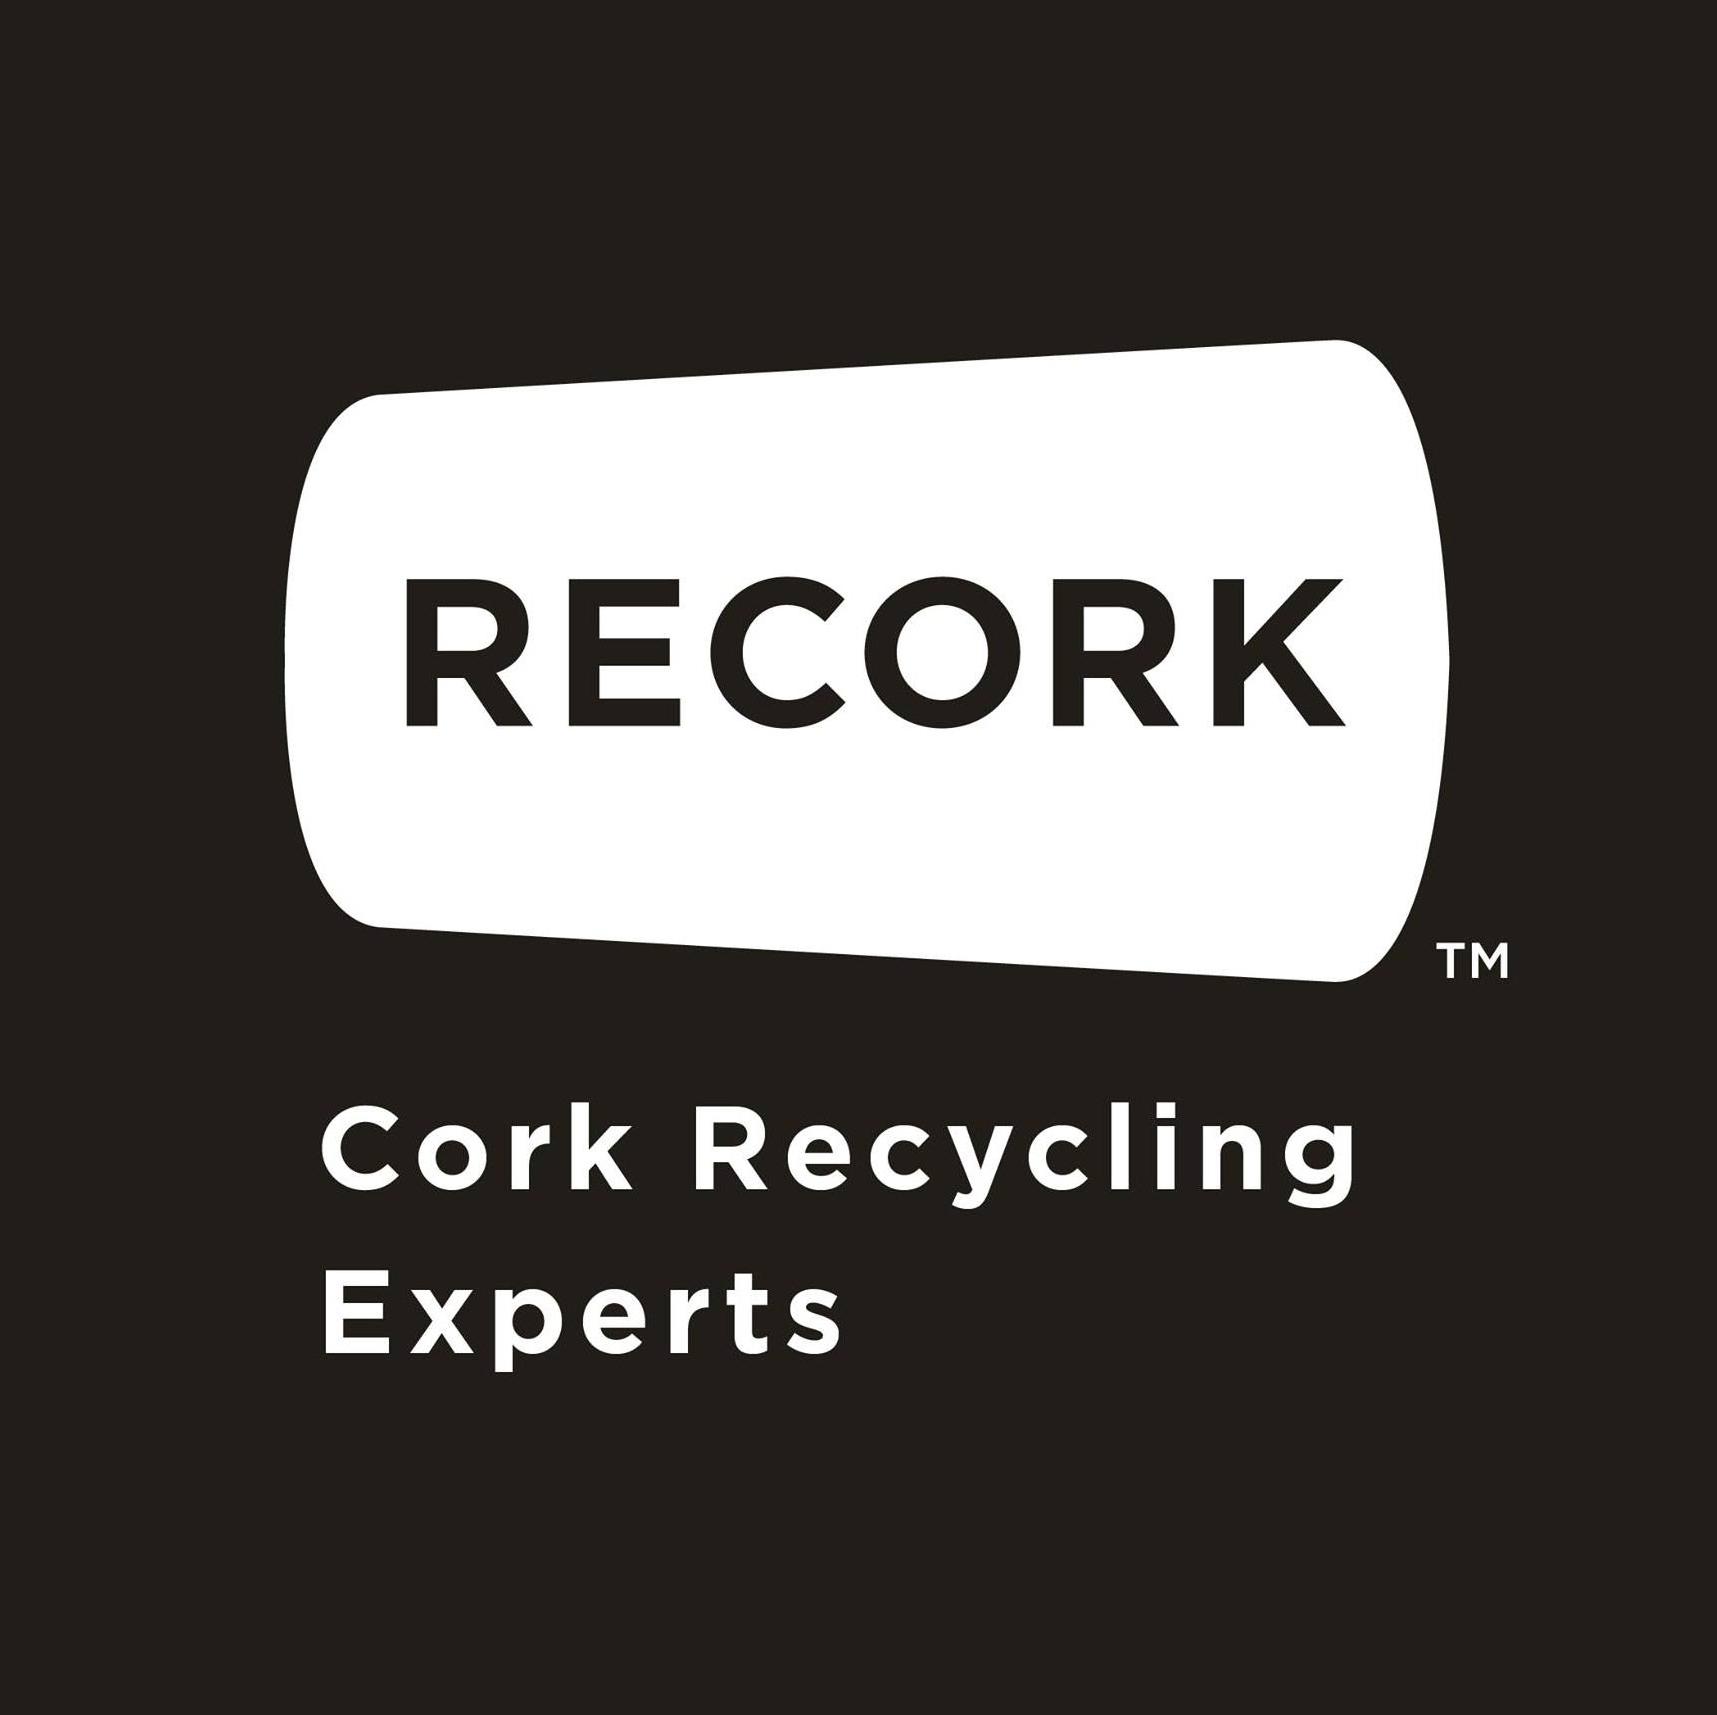 ReCORK_Logo.jpg